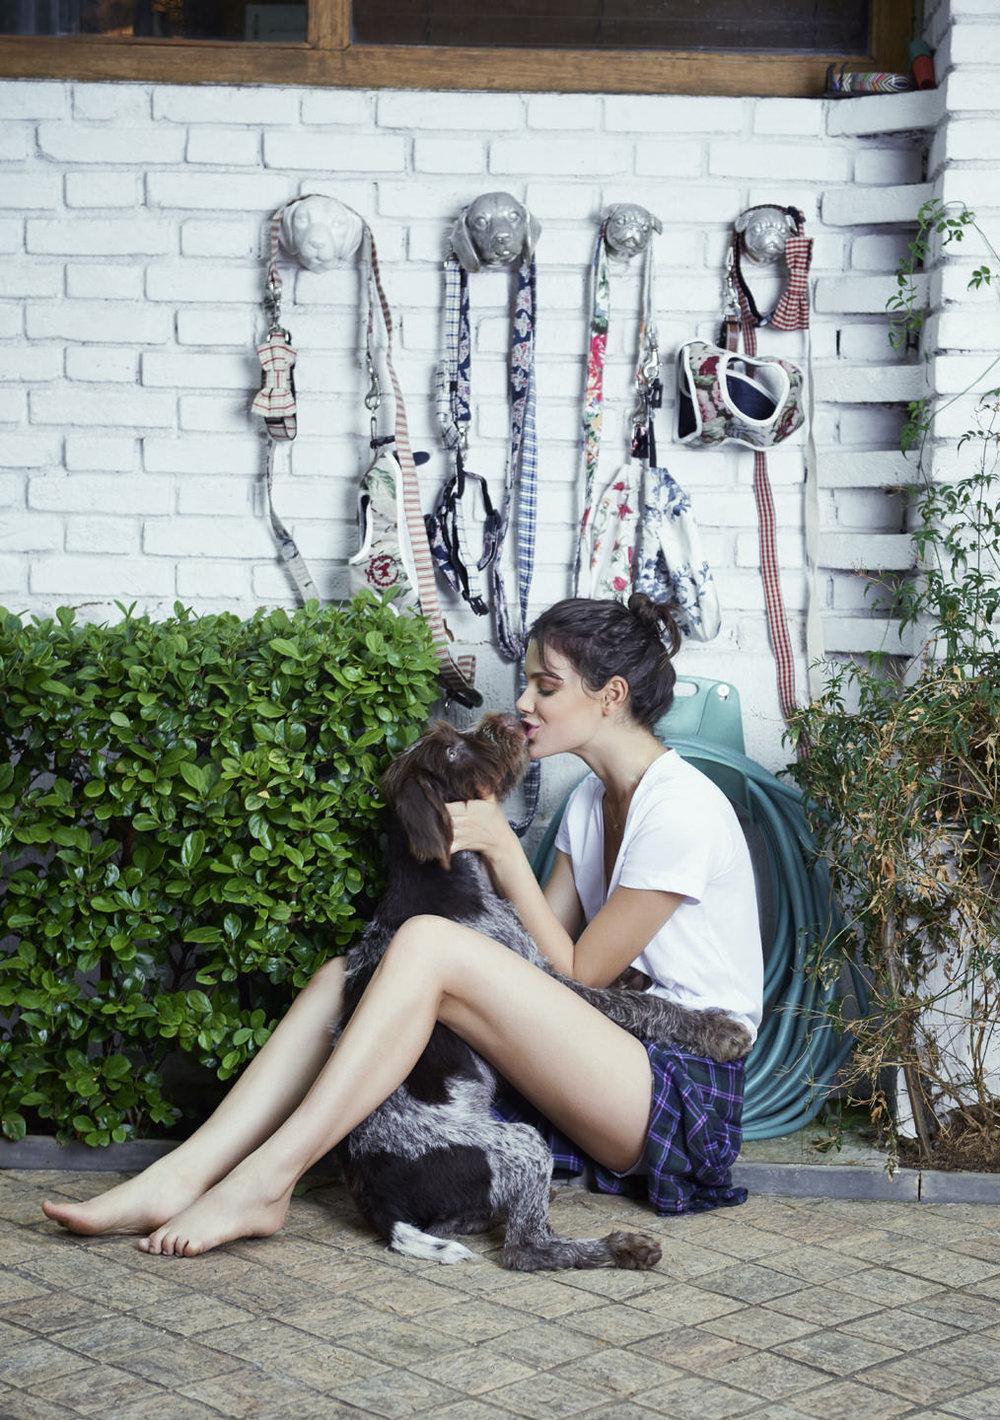 catherine-ferraz-fotografias-youth 8.jpg